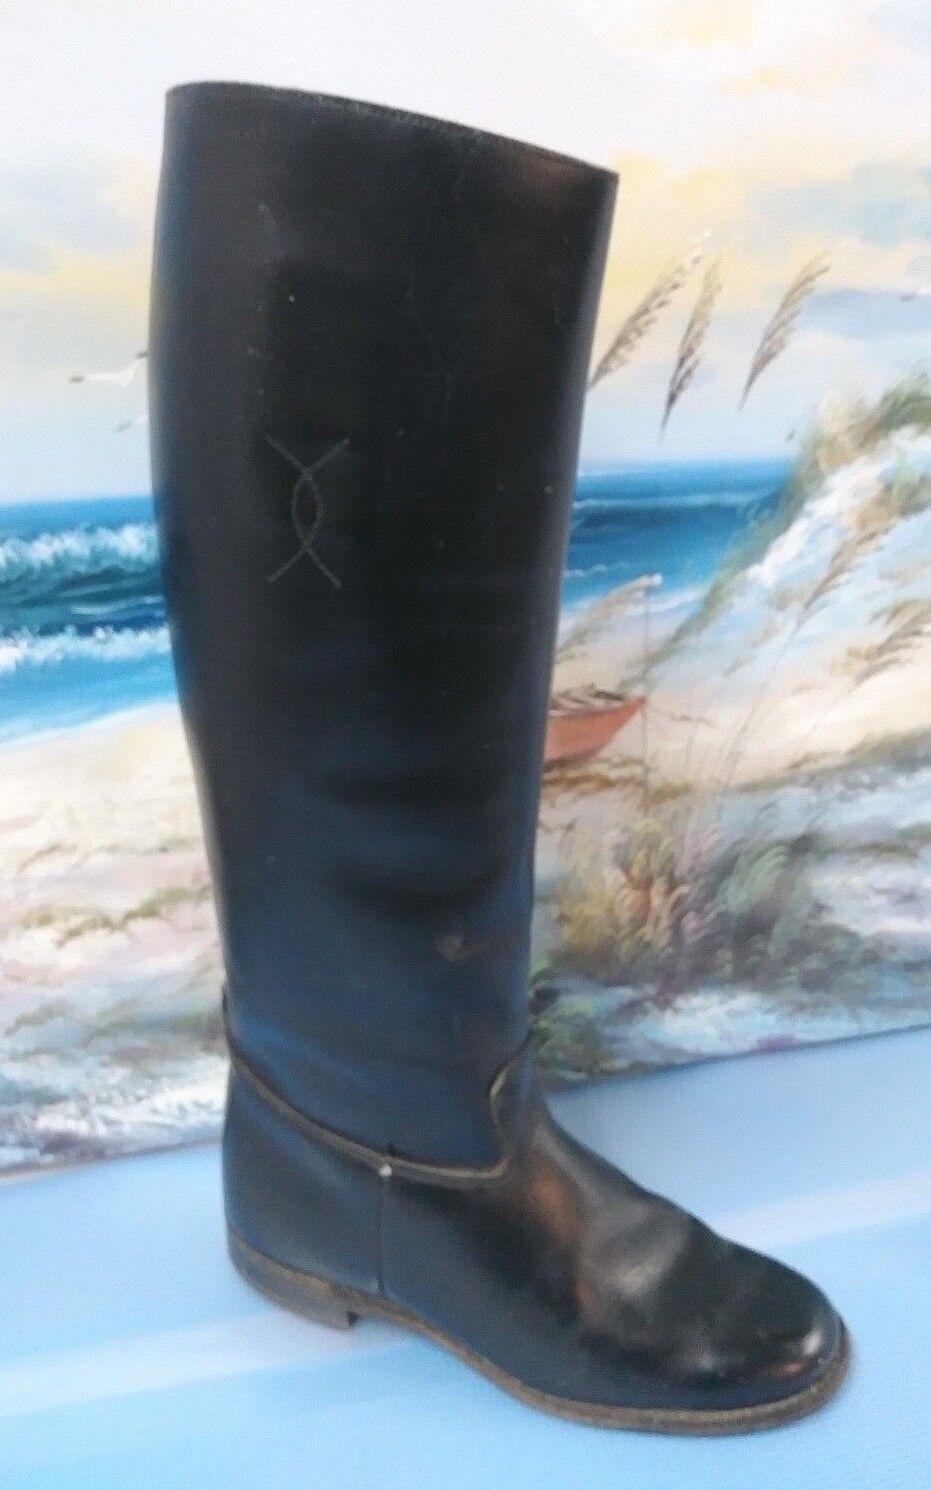 benvenuto a scegliere Vintage nero Leather Tall Equestrian Riding avvio Made Made Made in USA Donna  Dimensione 6 C  produttori fornitura diretta